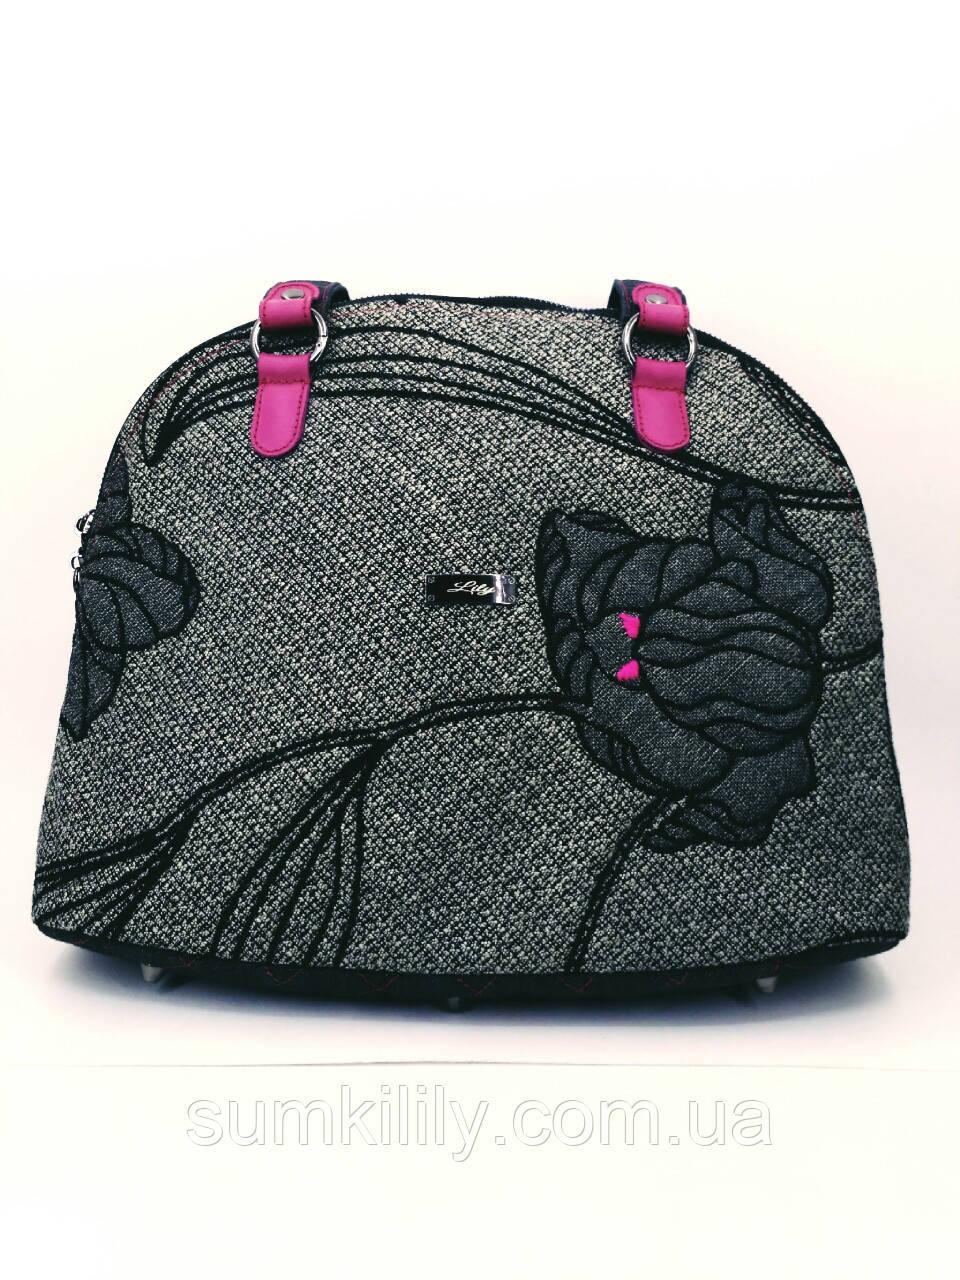 Женская сумка Розочка